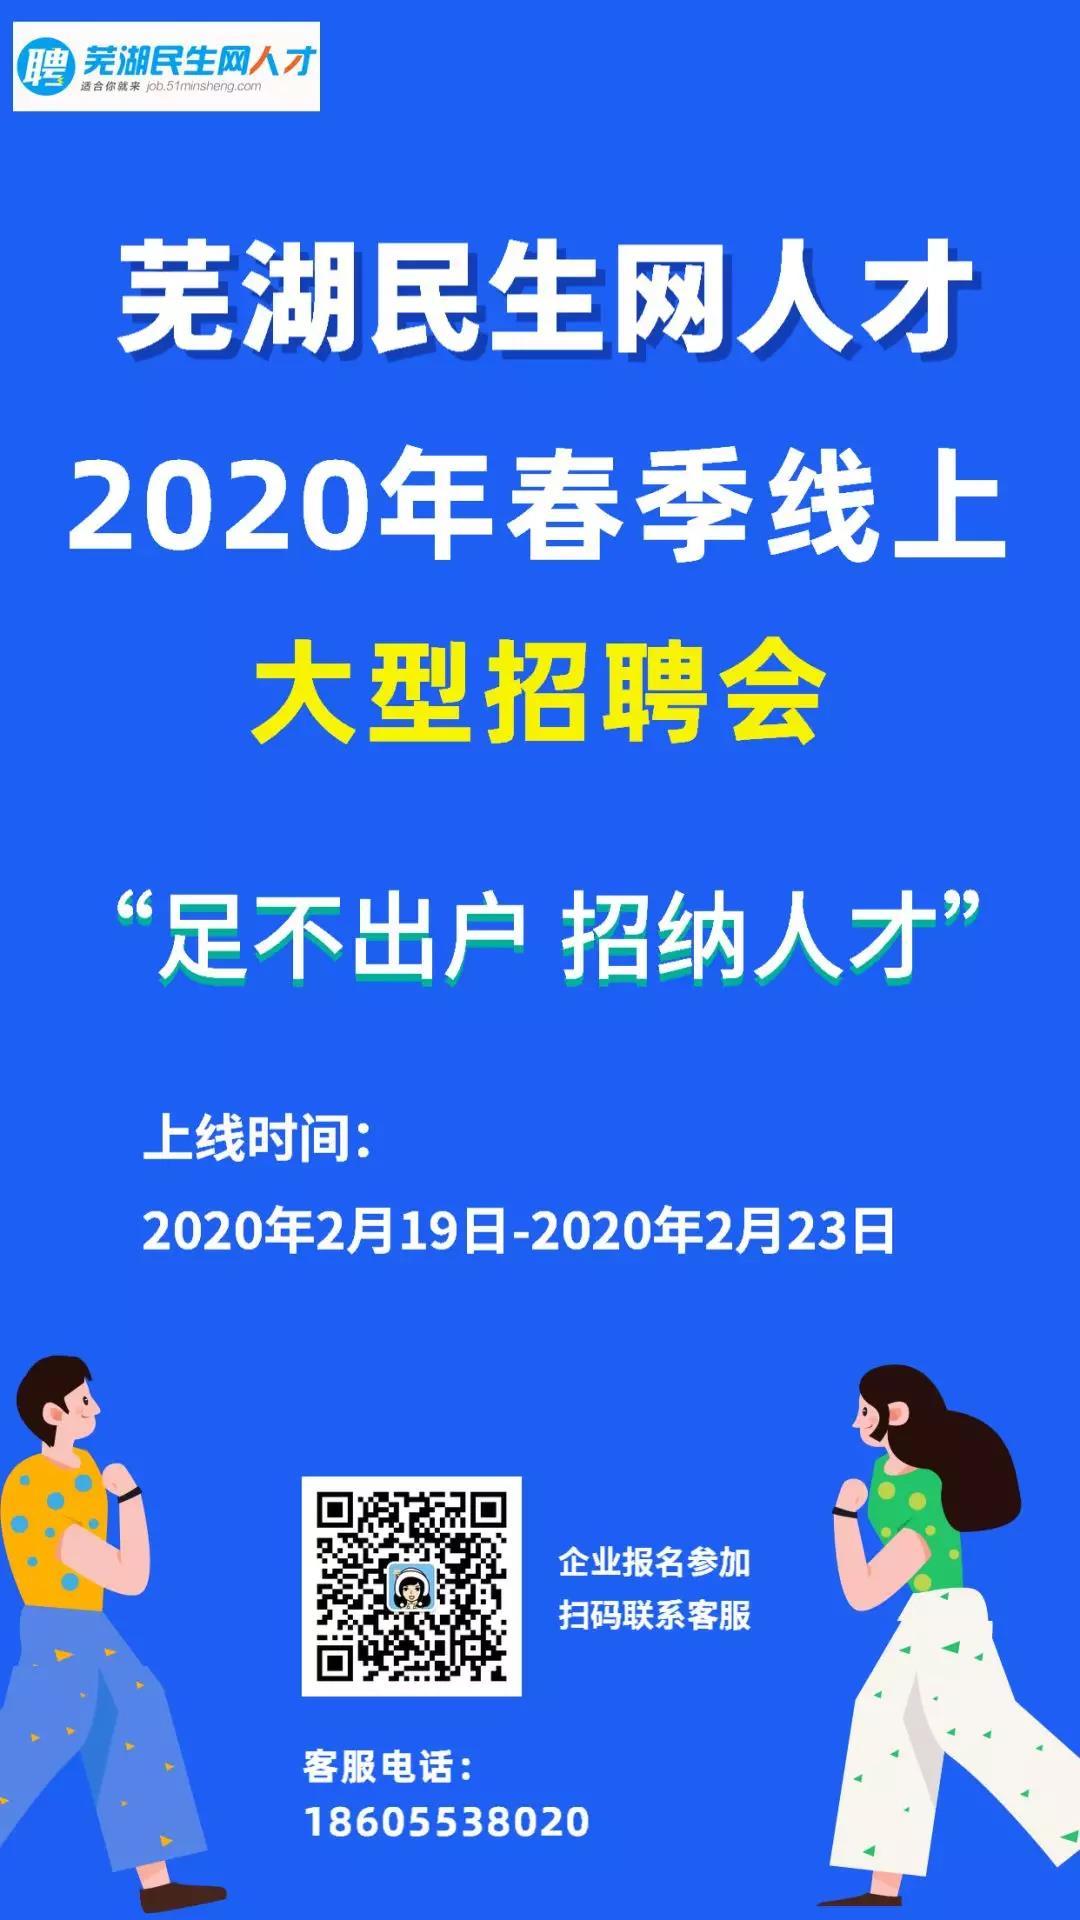 微信图片_20200211104254.jpg